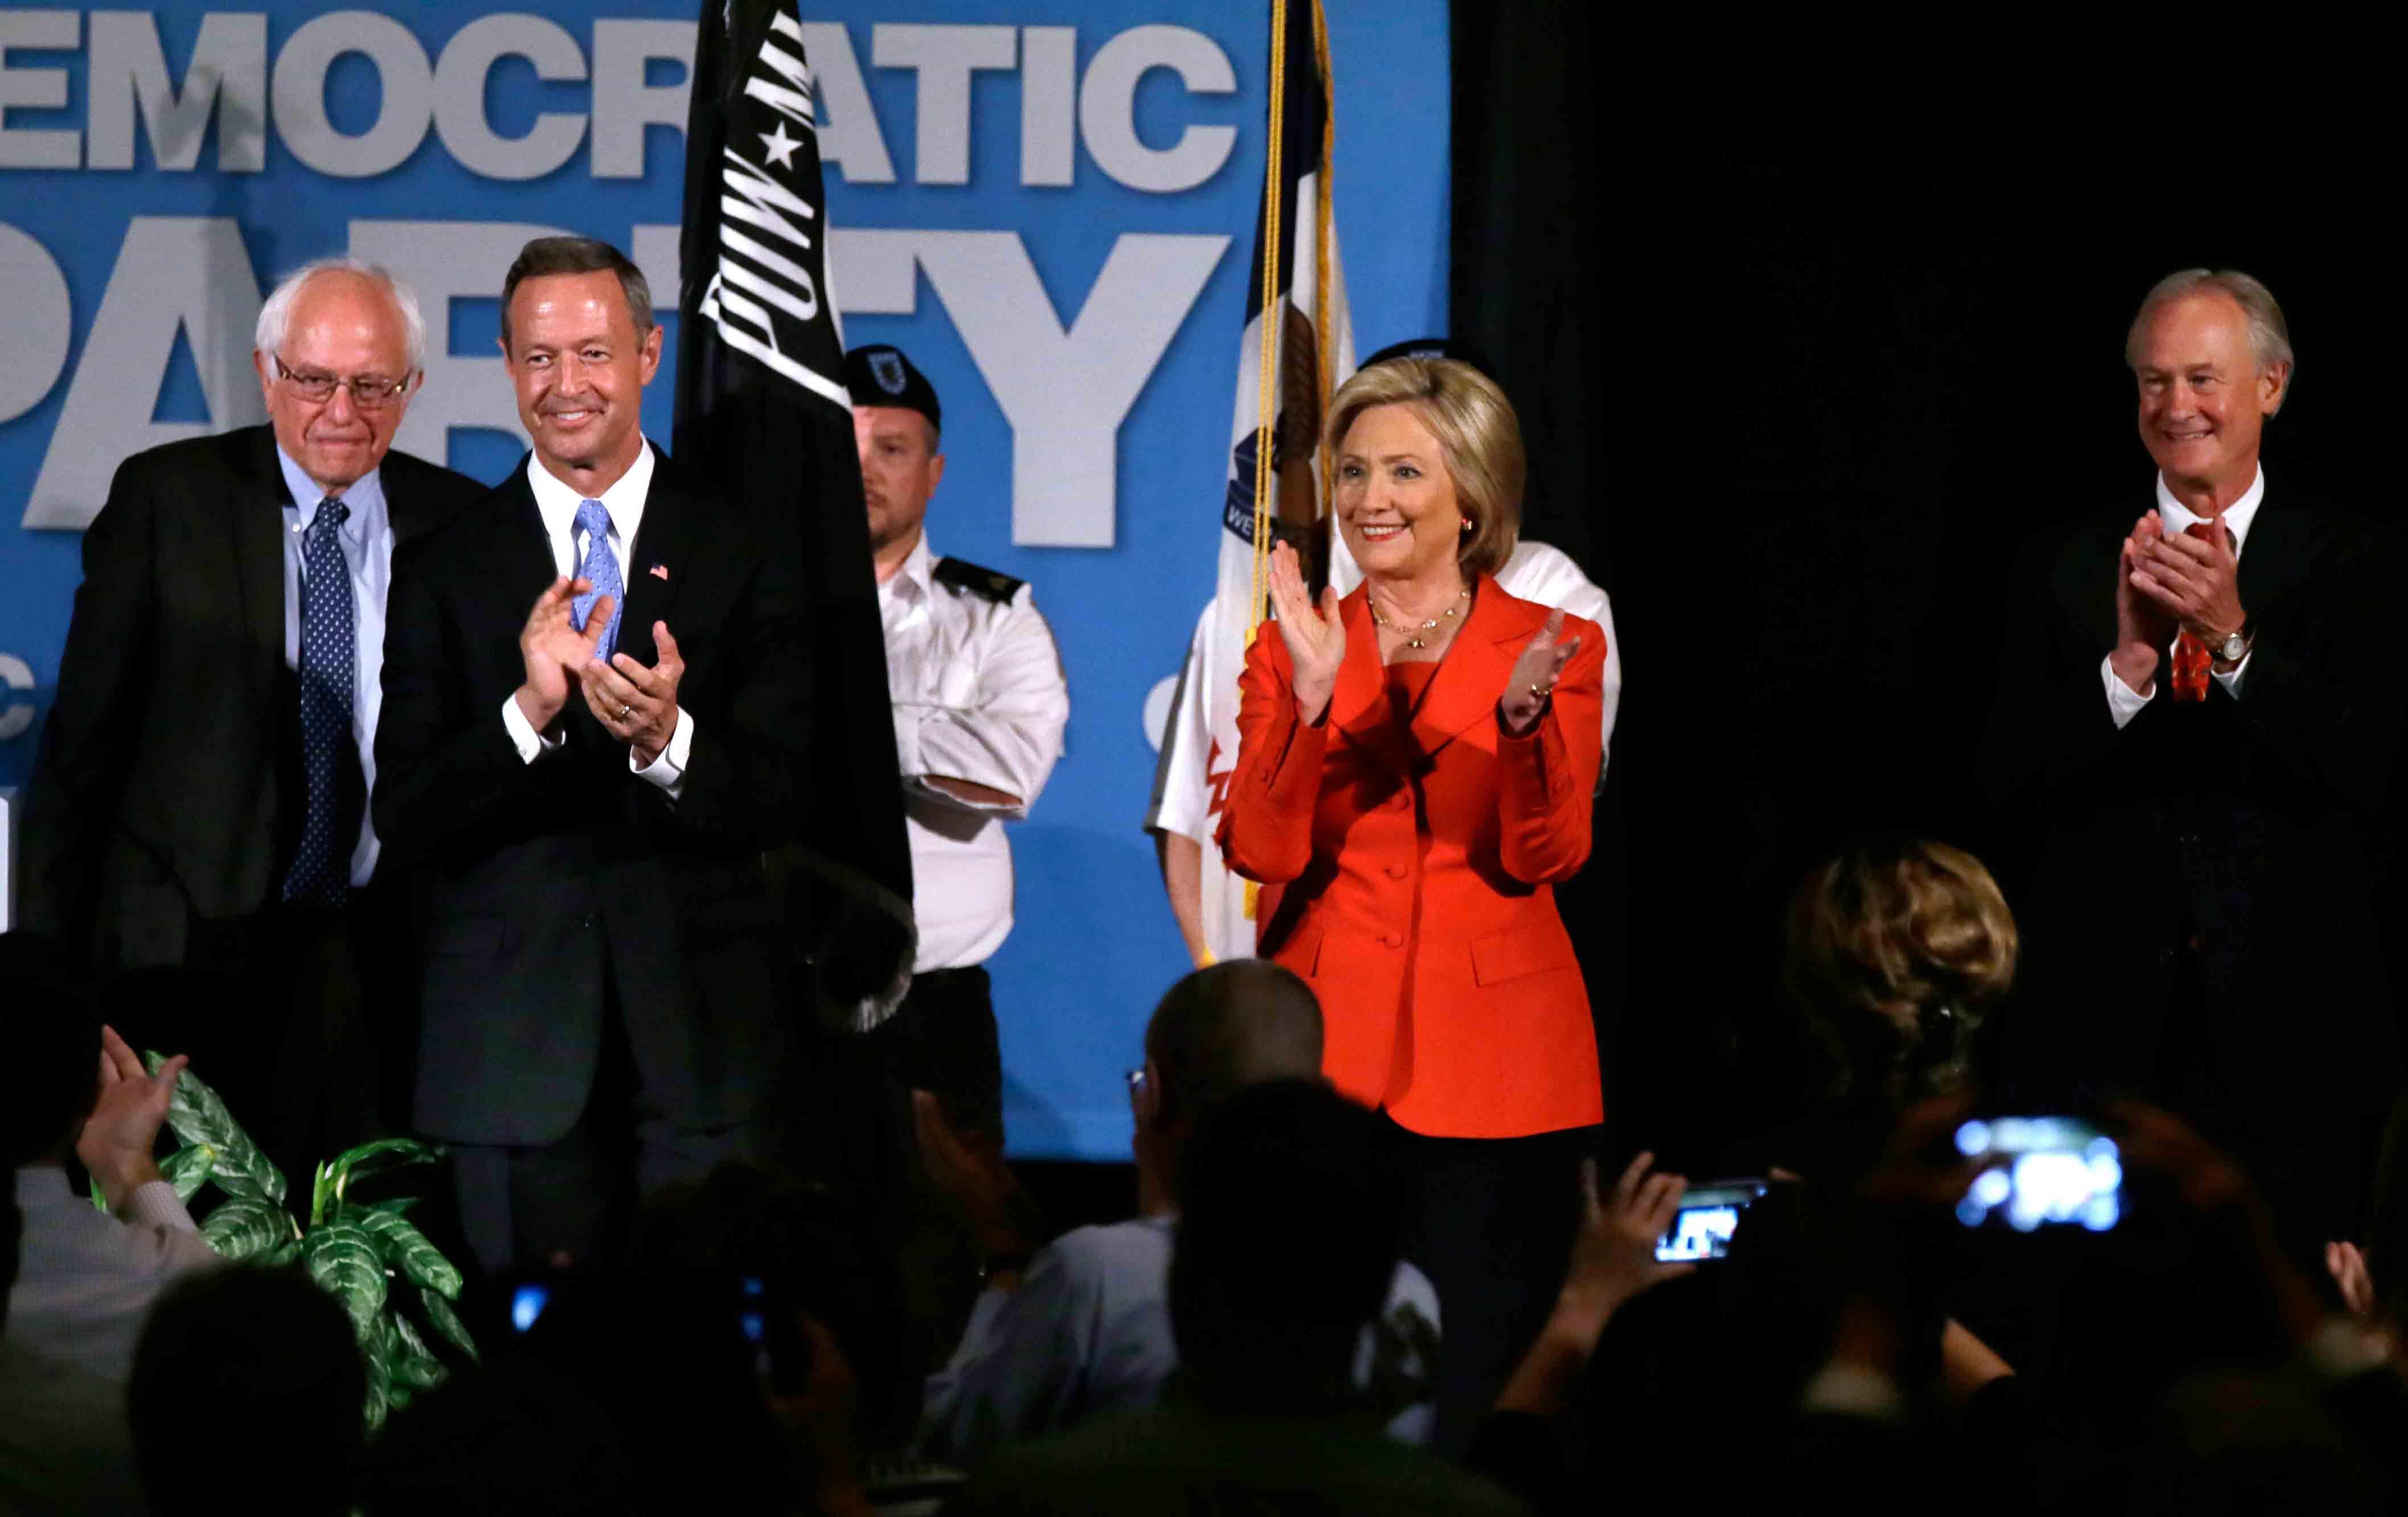 Democrat candidates